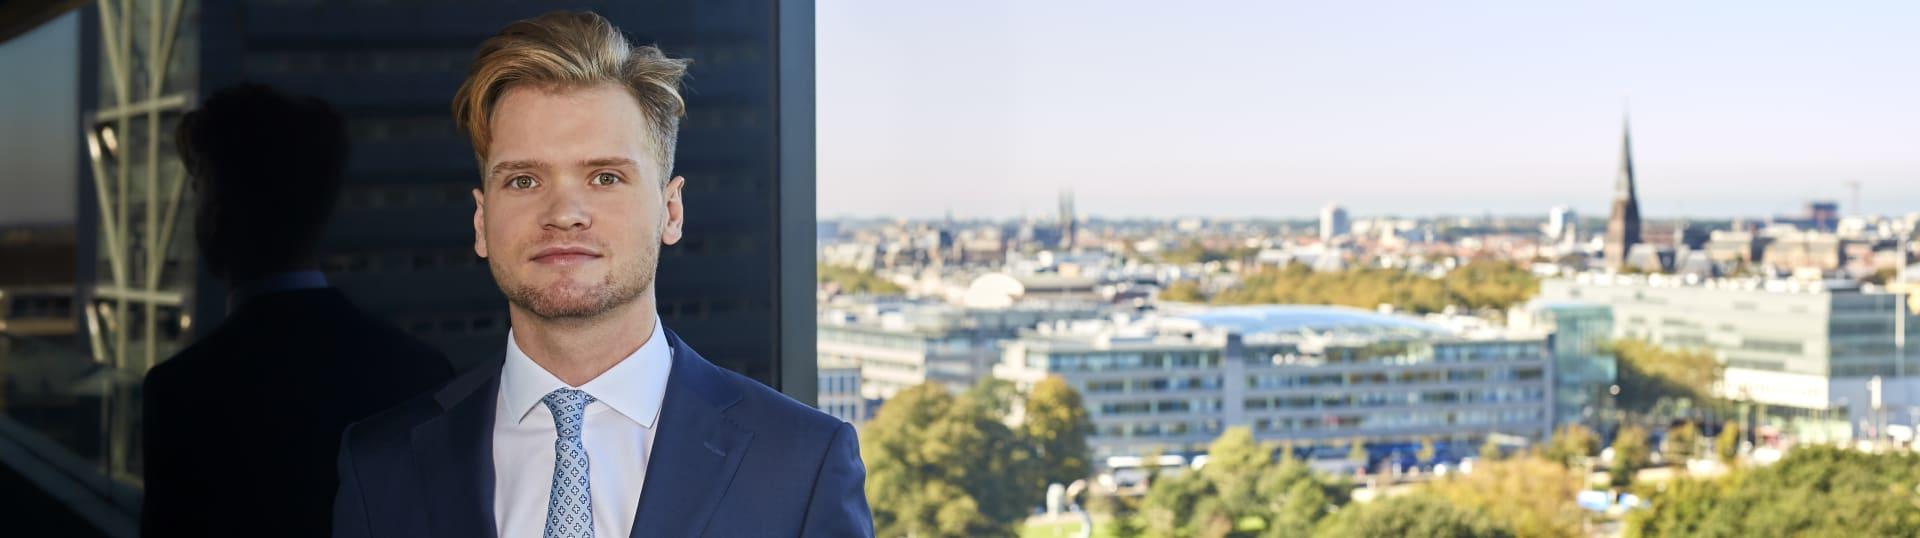 Quinten Crul, kandidaat-notaris Pels Rijcken